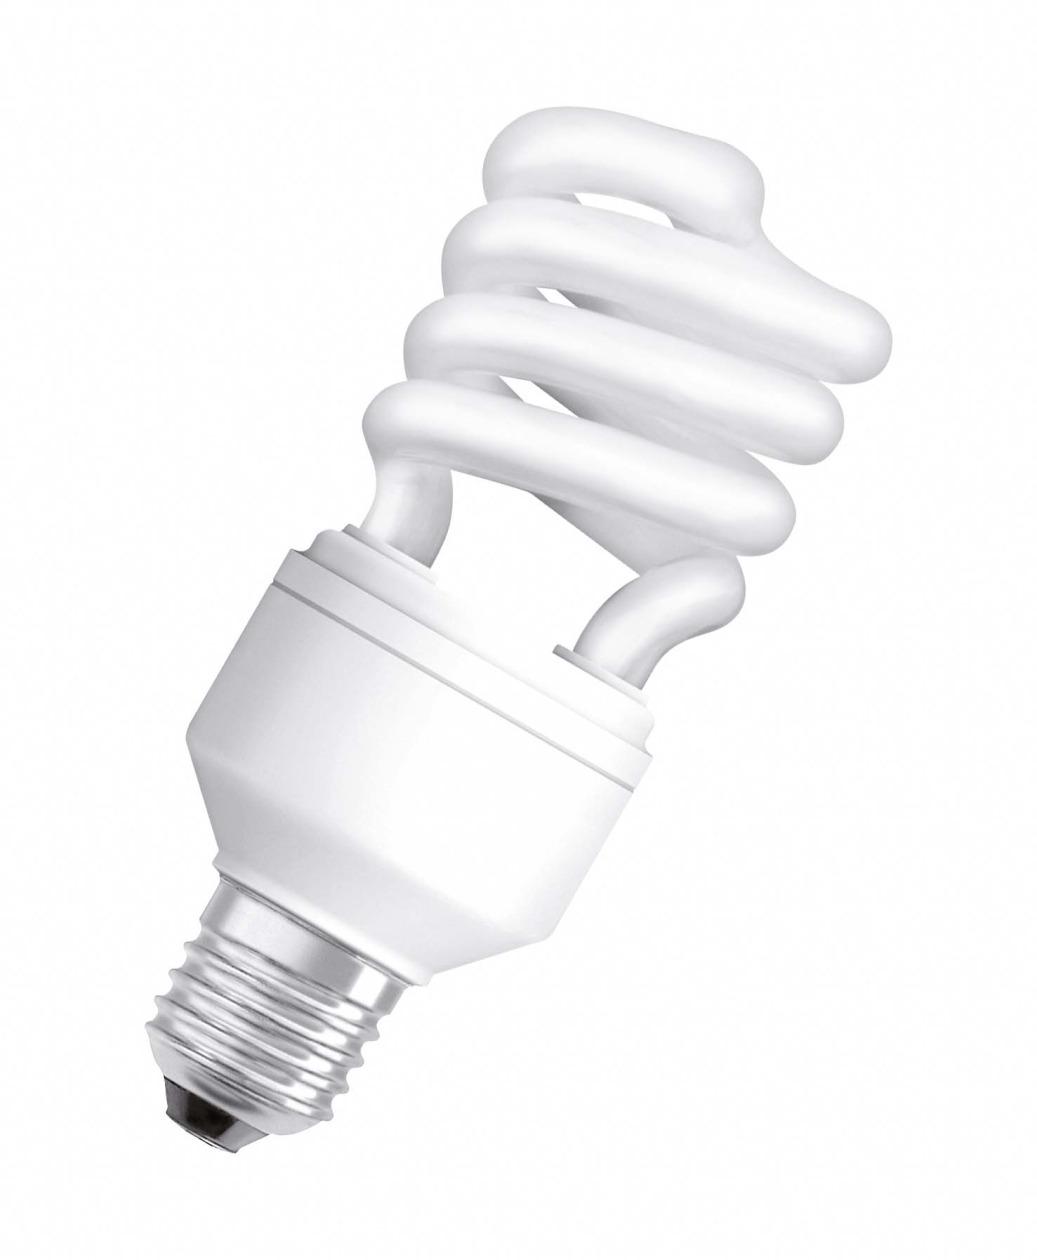 Dulux Intelligent® Dim Twist 20W Λάμπα Οικονομίας Osram